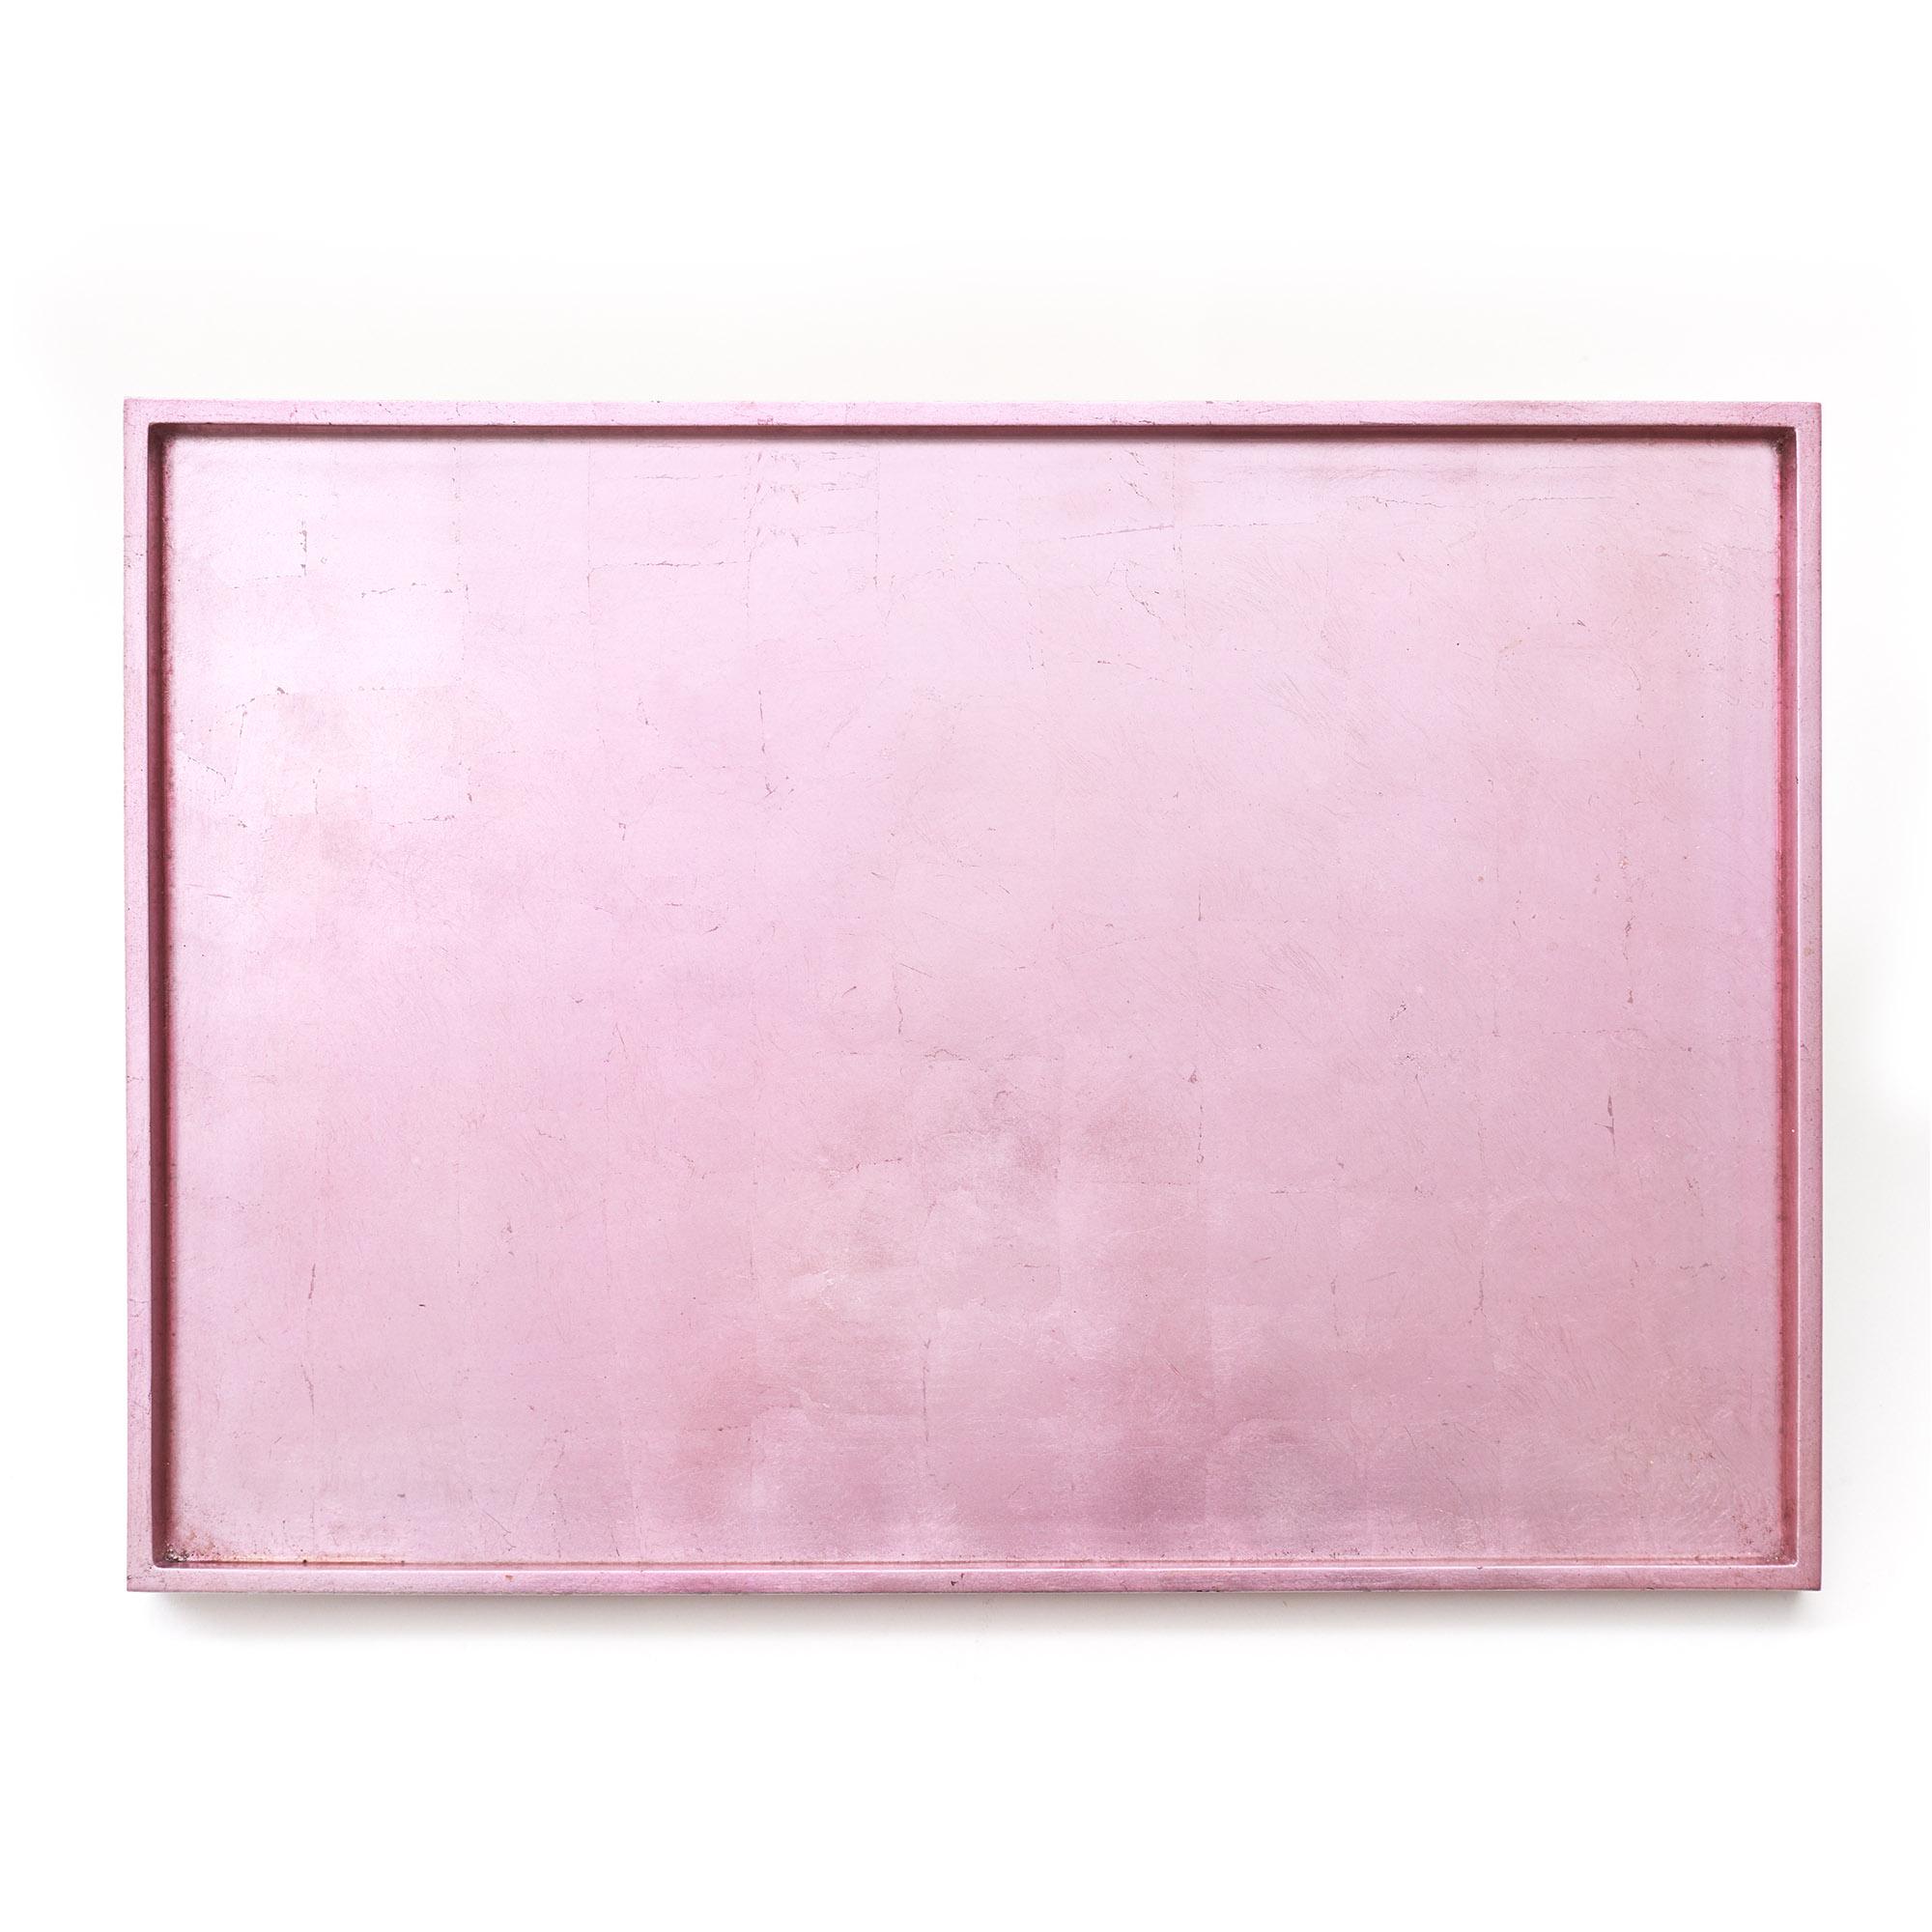 Bandeja laca metalizada rosada 35 x 50 cm